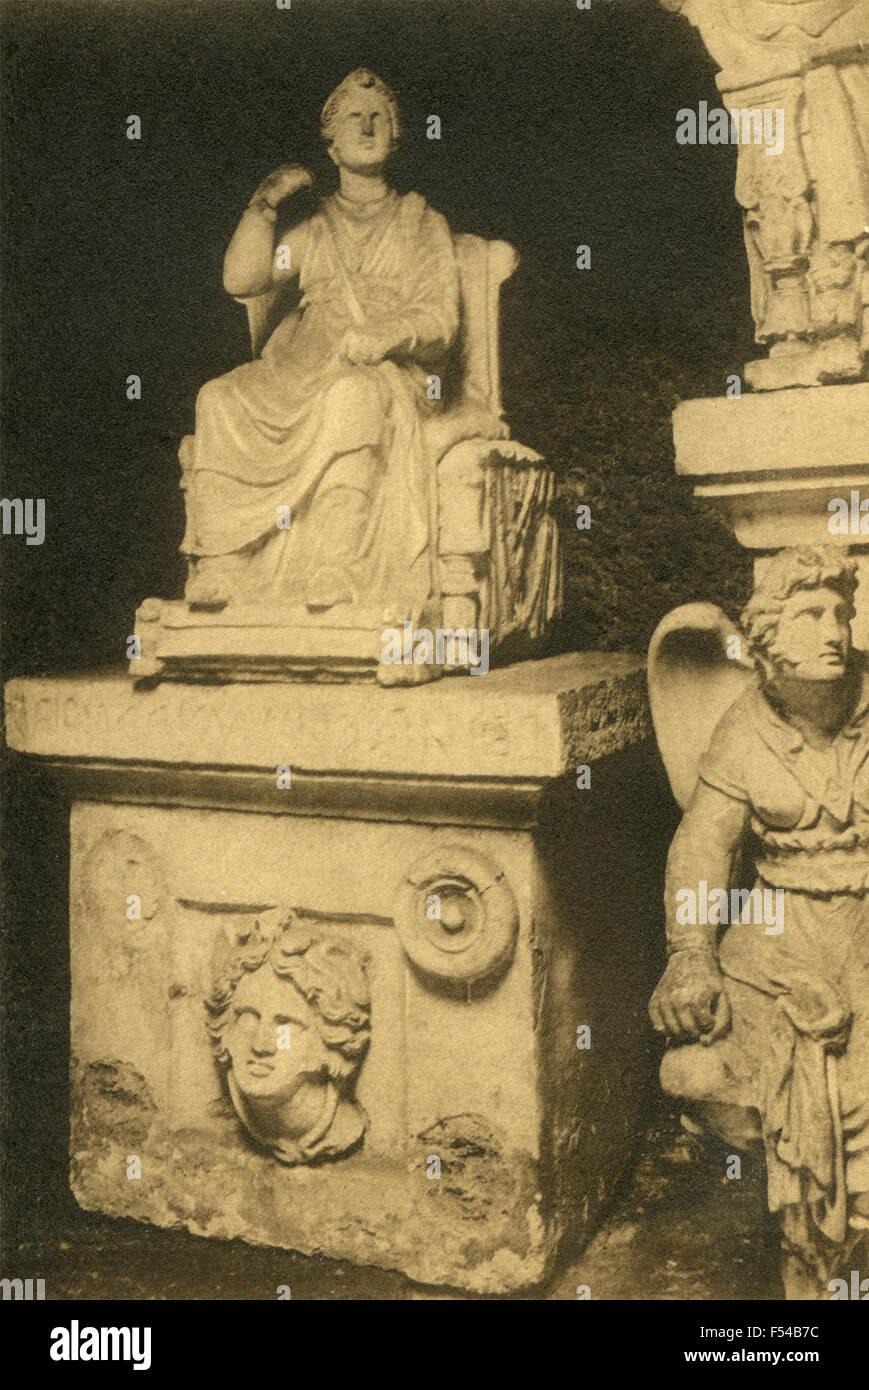 Sepulchre Volumni , urn Veilia Velimnia Aruntia , Perugia, Italy - Stock Image